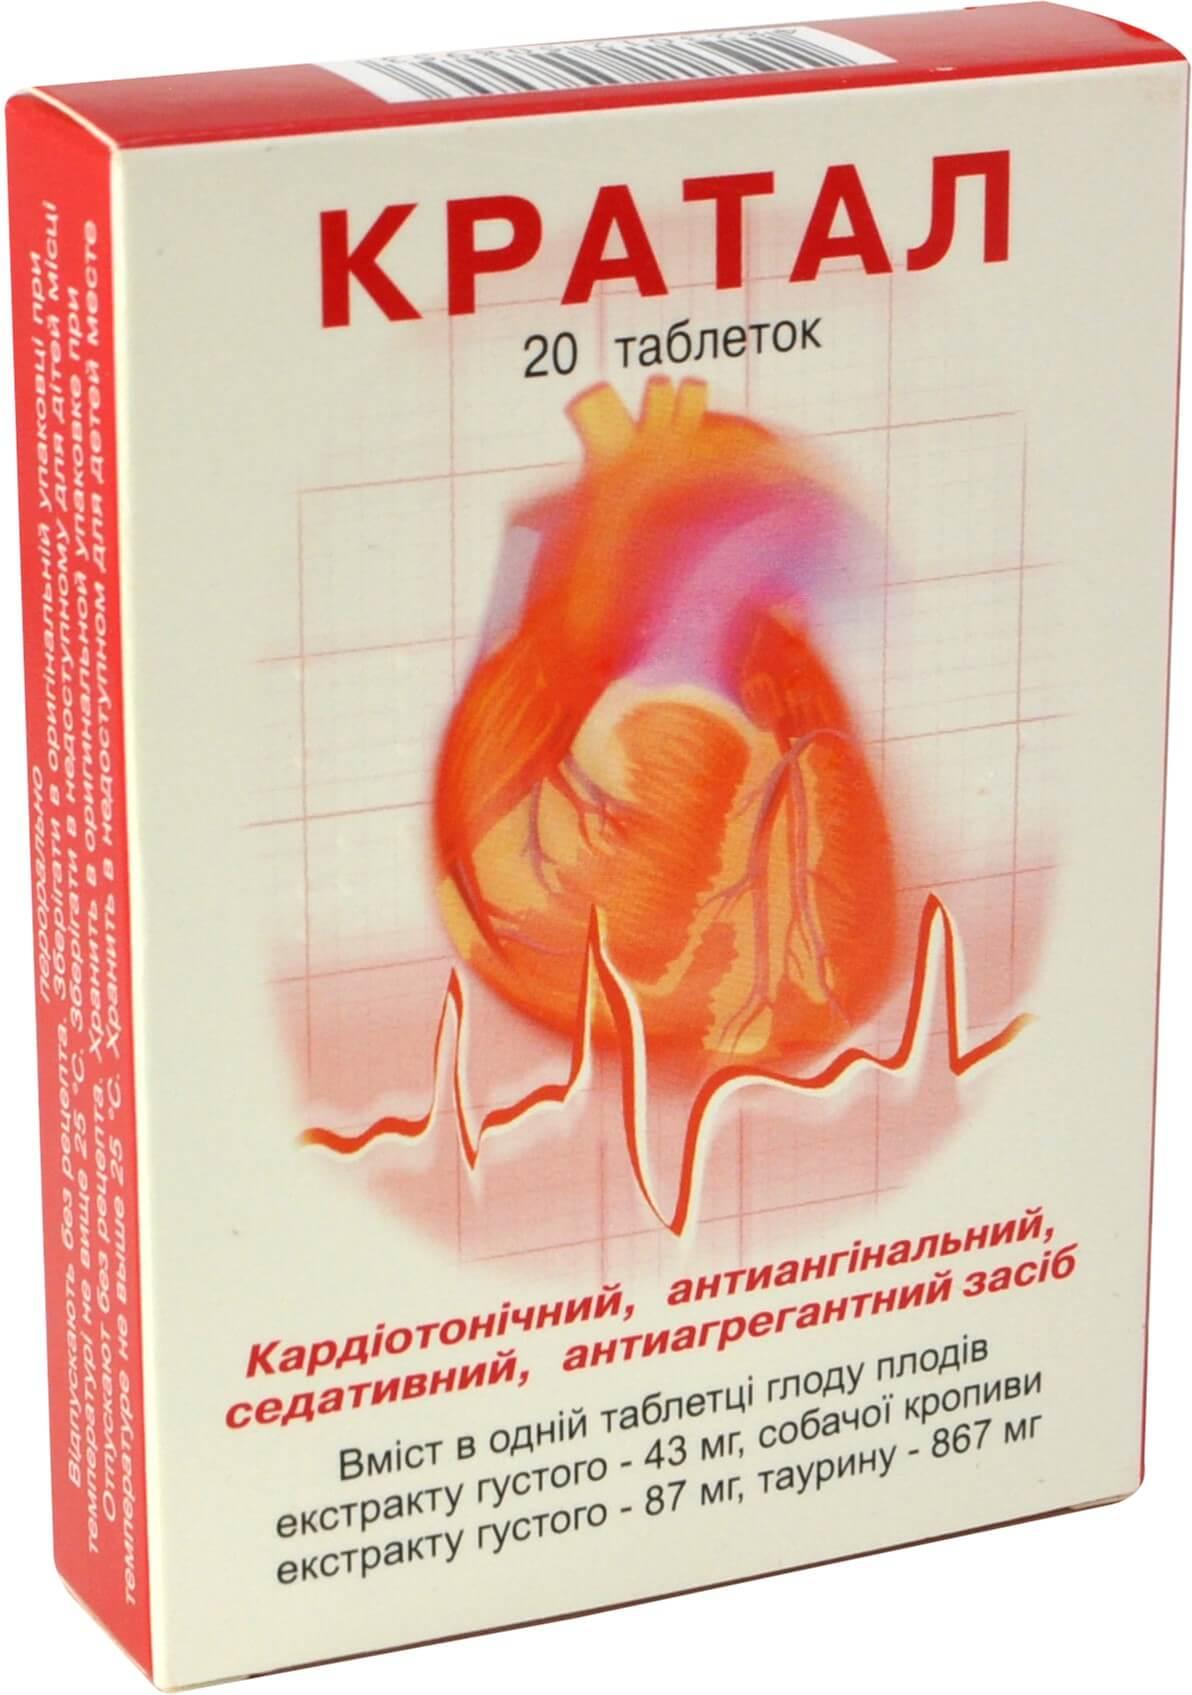 Кратал: инструкция по применению таблеток